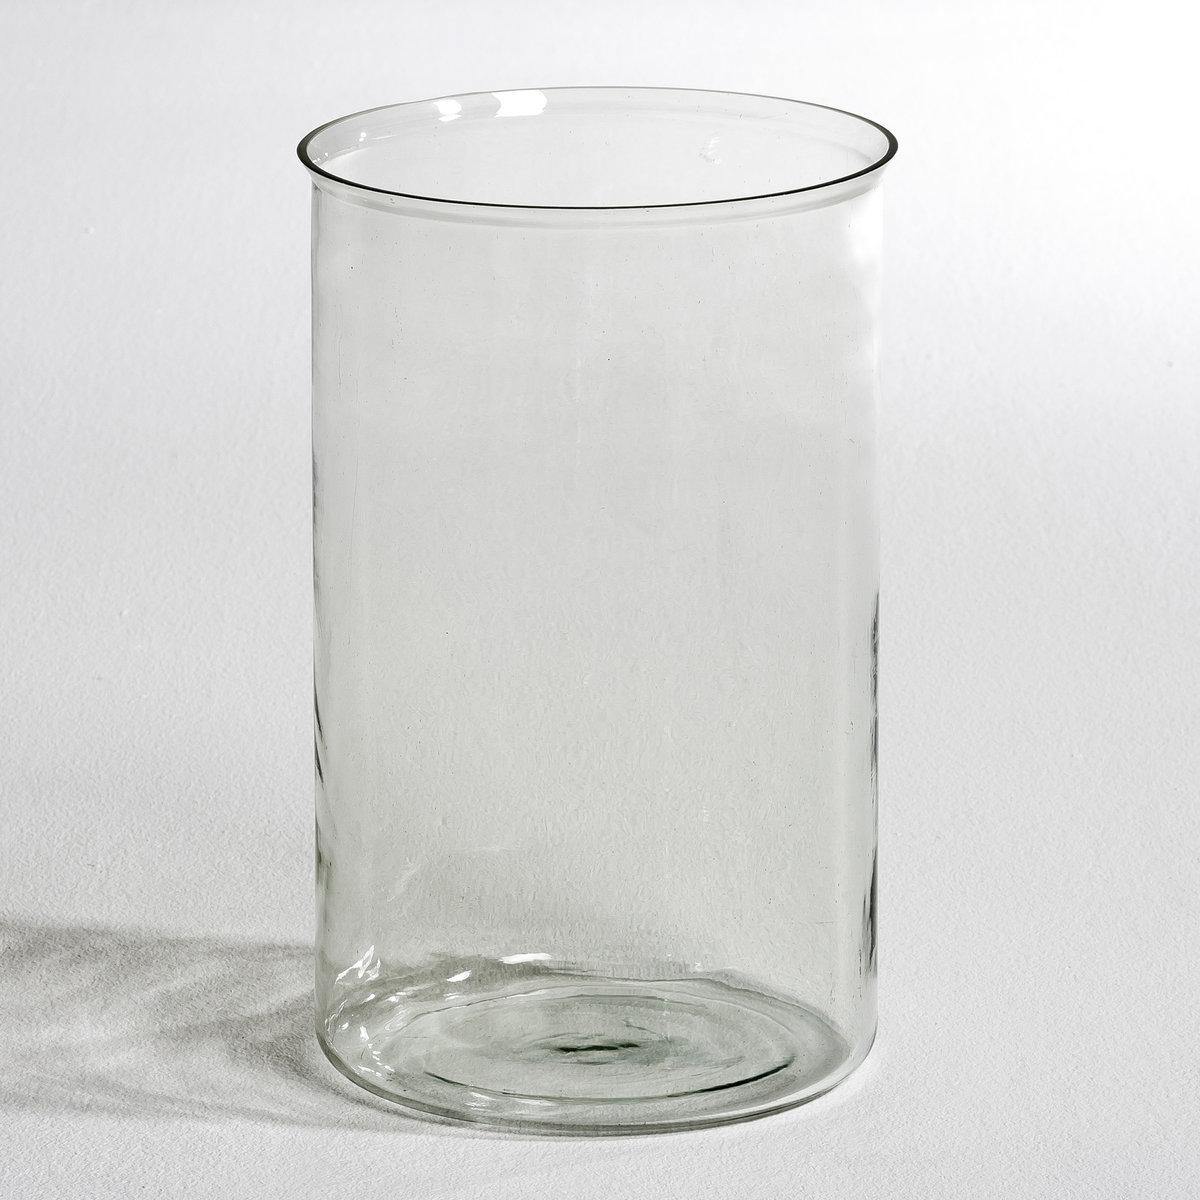 Ваза стеклянная, DorisВаза Doris, очаровательная большая ваза из прозрачного стекла для цветов, листьев... Необходимый декоративный предмет ! Также прекрасное решение для подарка... Описание : - Из прозрачного стеклаРазмеры : - Модель 1 : Диаметр 18 x Выс. 20 см.- Модель 2 : Диаметр 21 x Выс. 34 см.<br><br>Цвет: прозрачный<br>Размер: размер 1